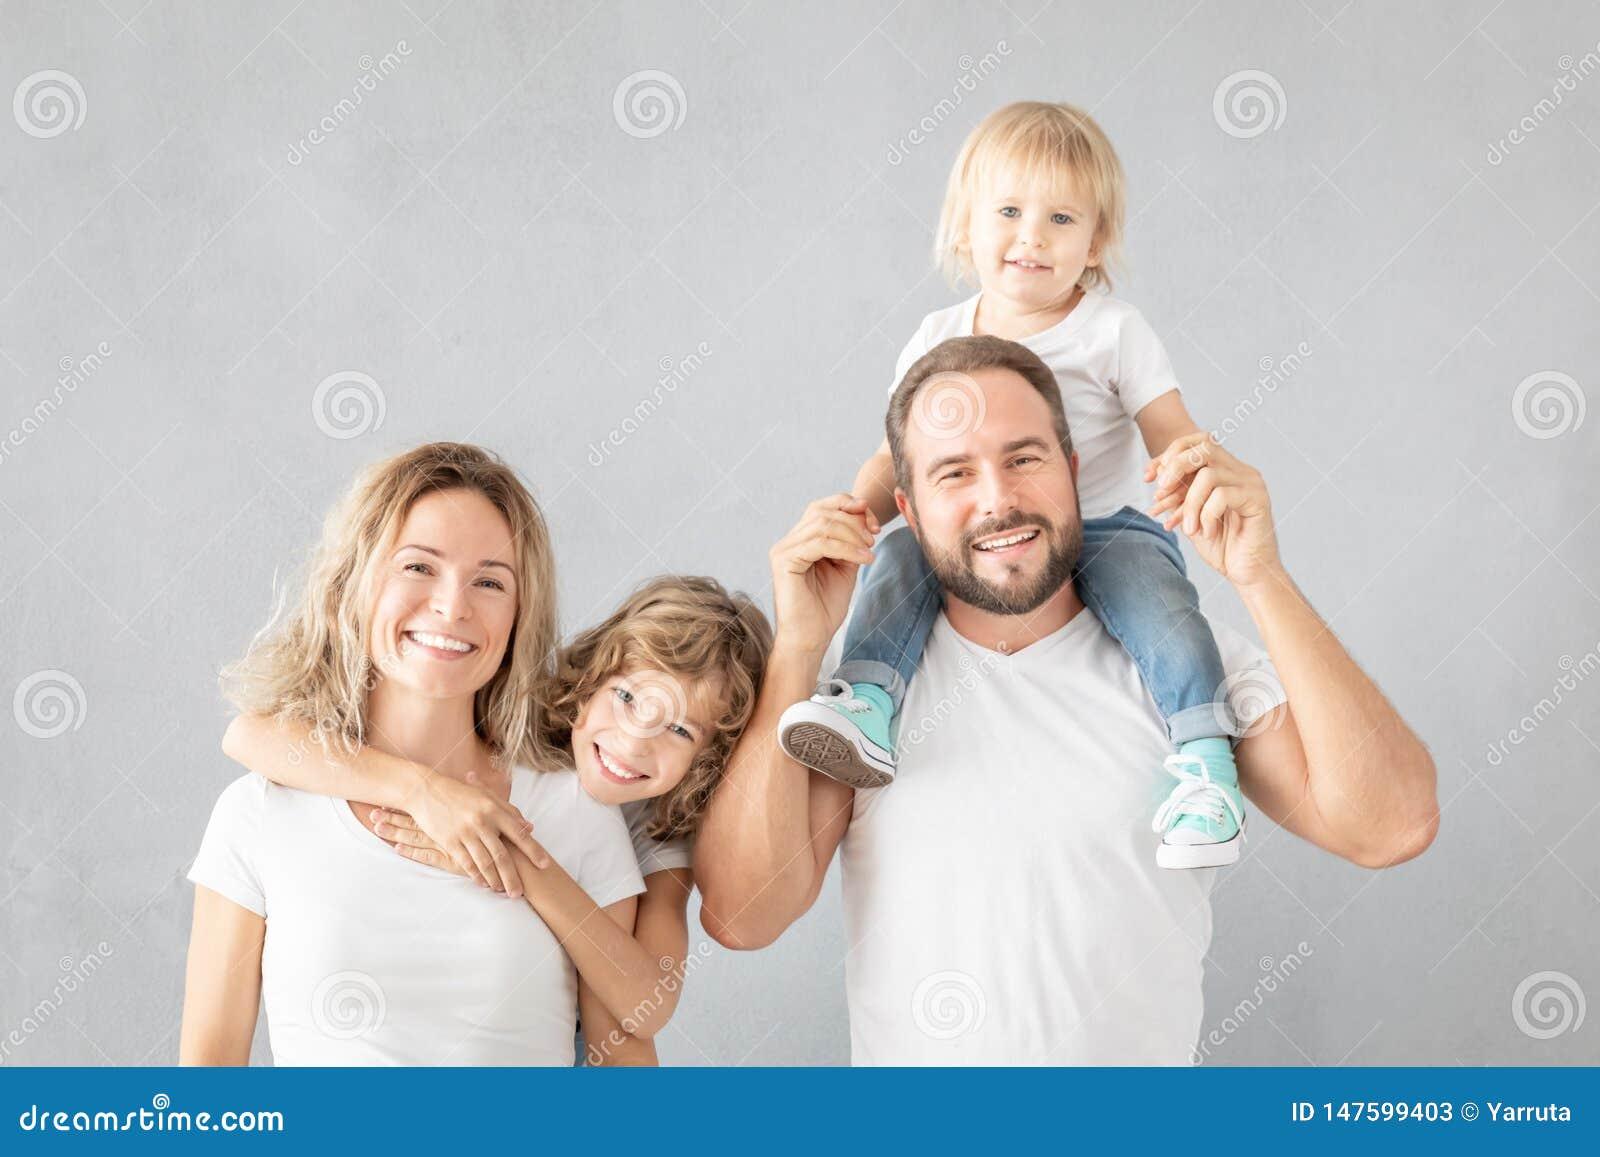 Rodzice z dziećmi ma zabawę w domu